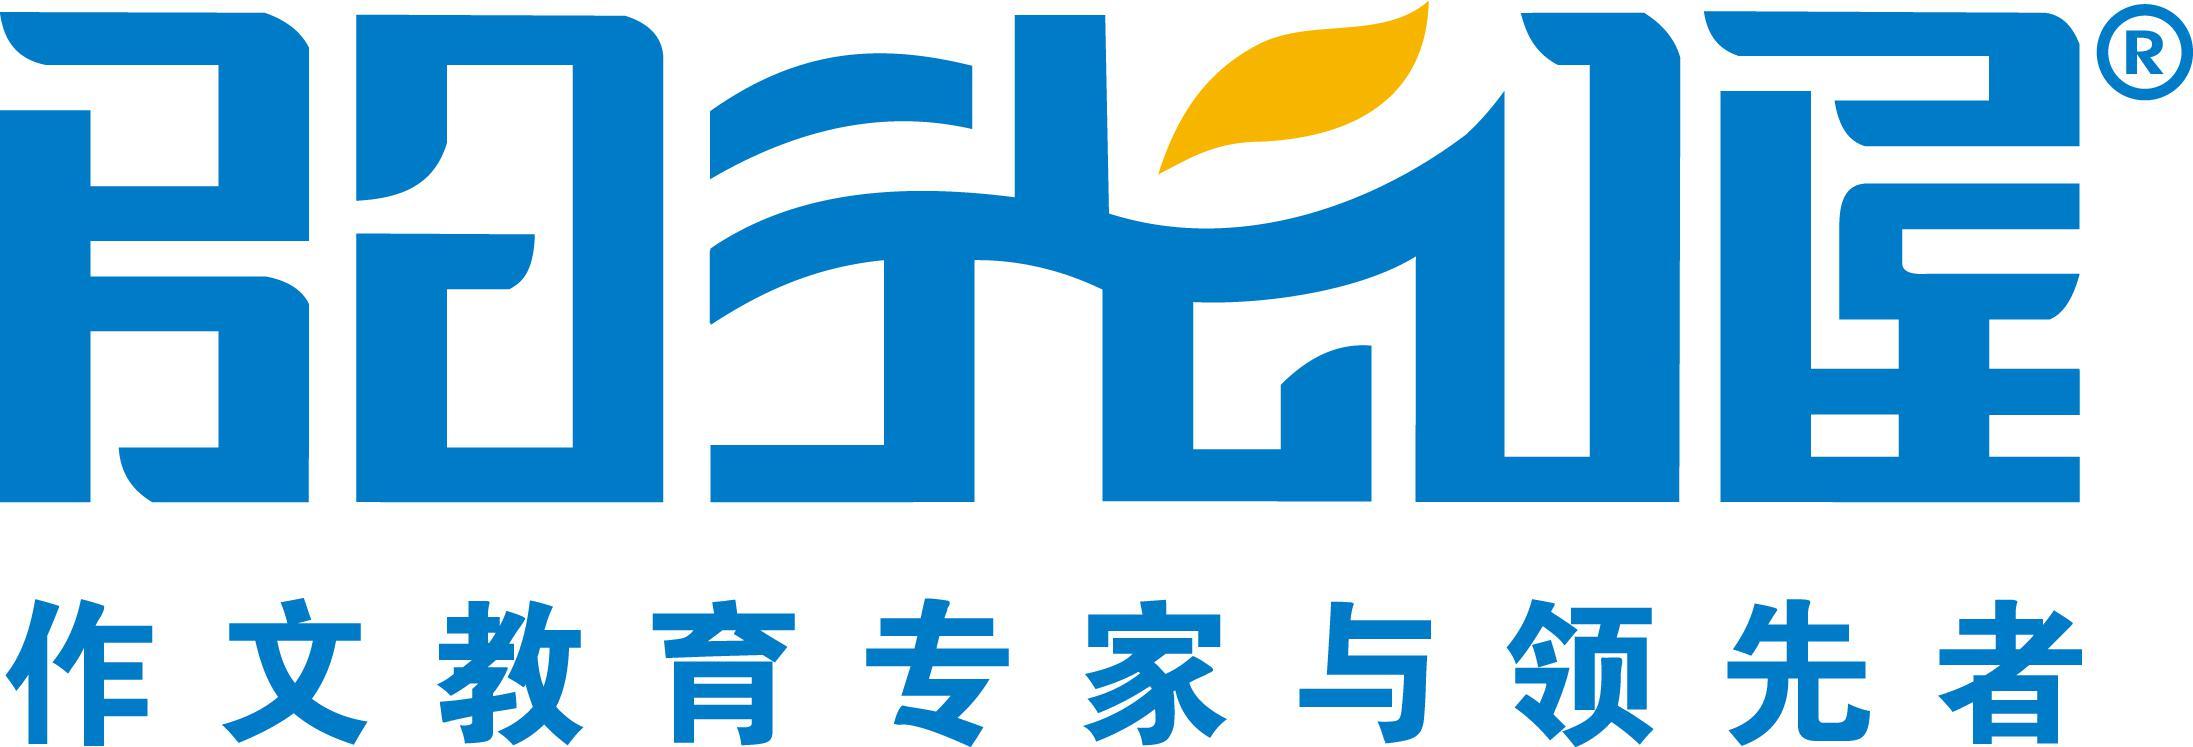 logo logo 标志 设计 矢量 矢量图 素材 图标 2193_747